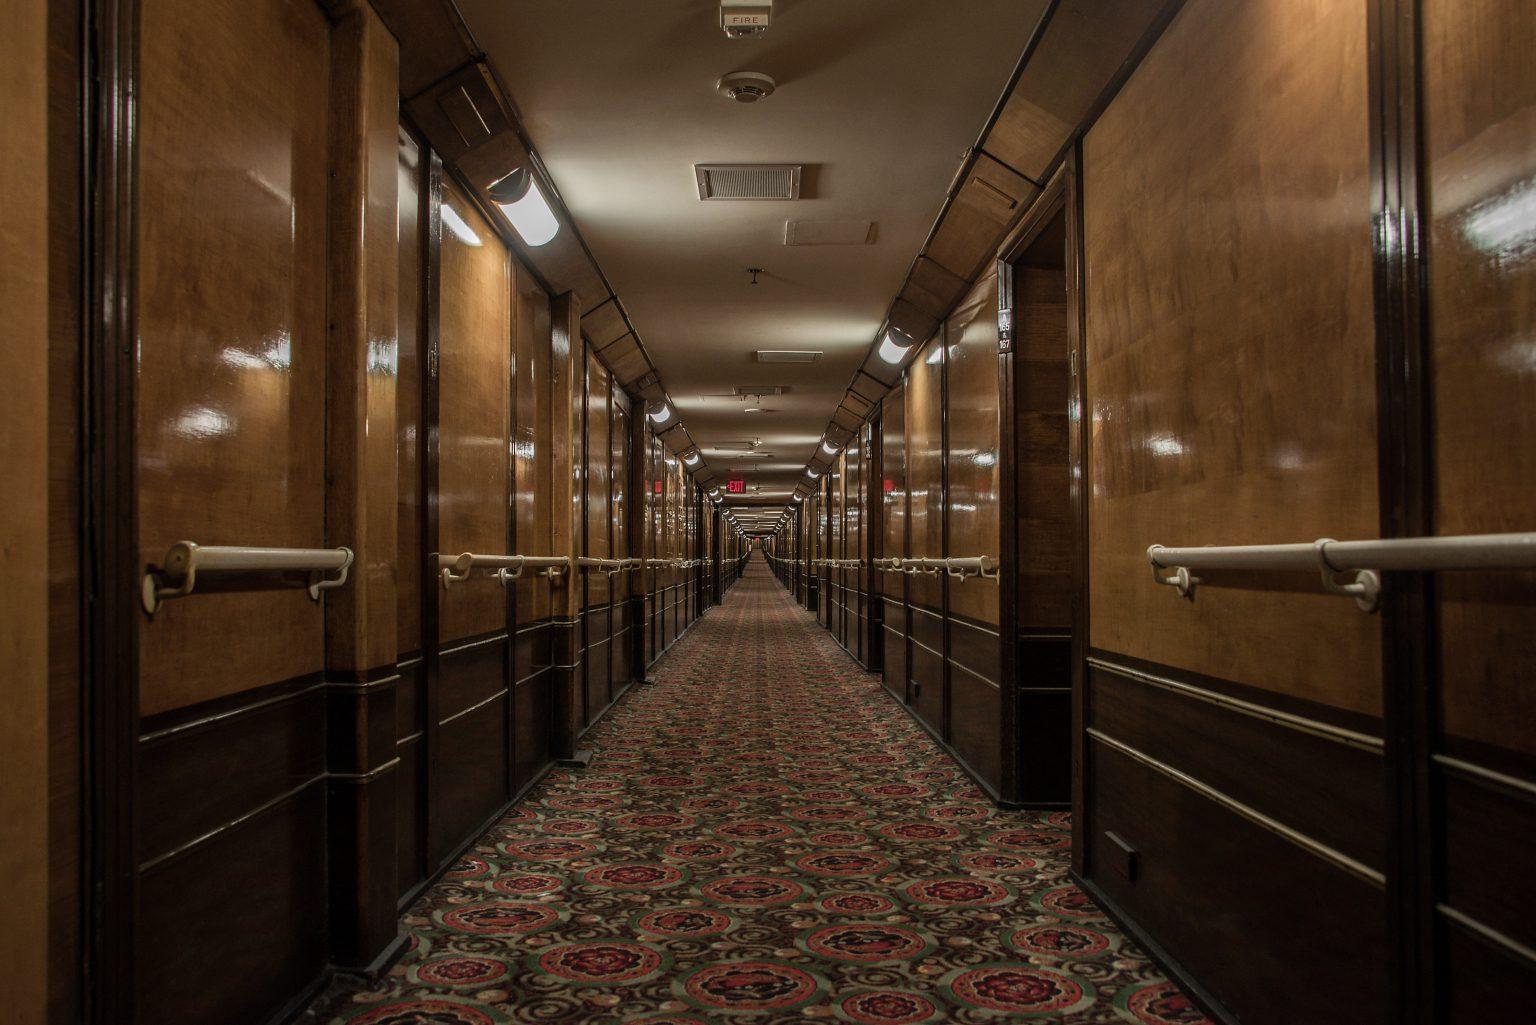 Queen Mary Hakkinda 22 Ürkütücü Korkunç Gerçekler